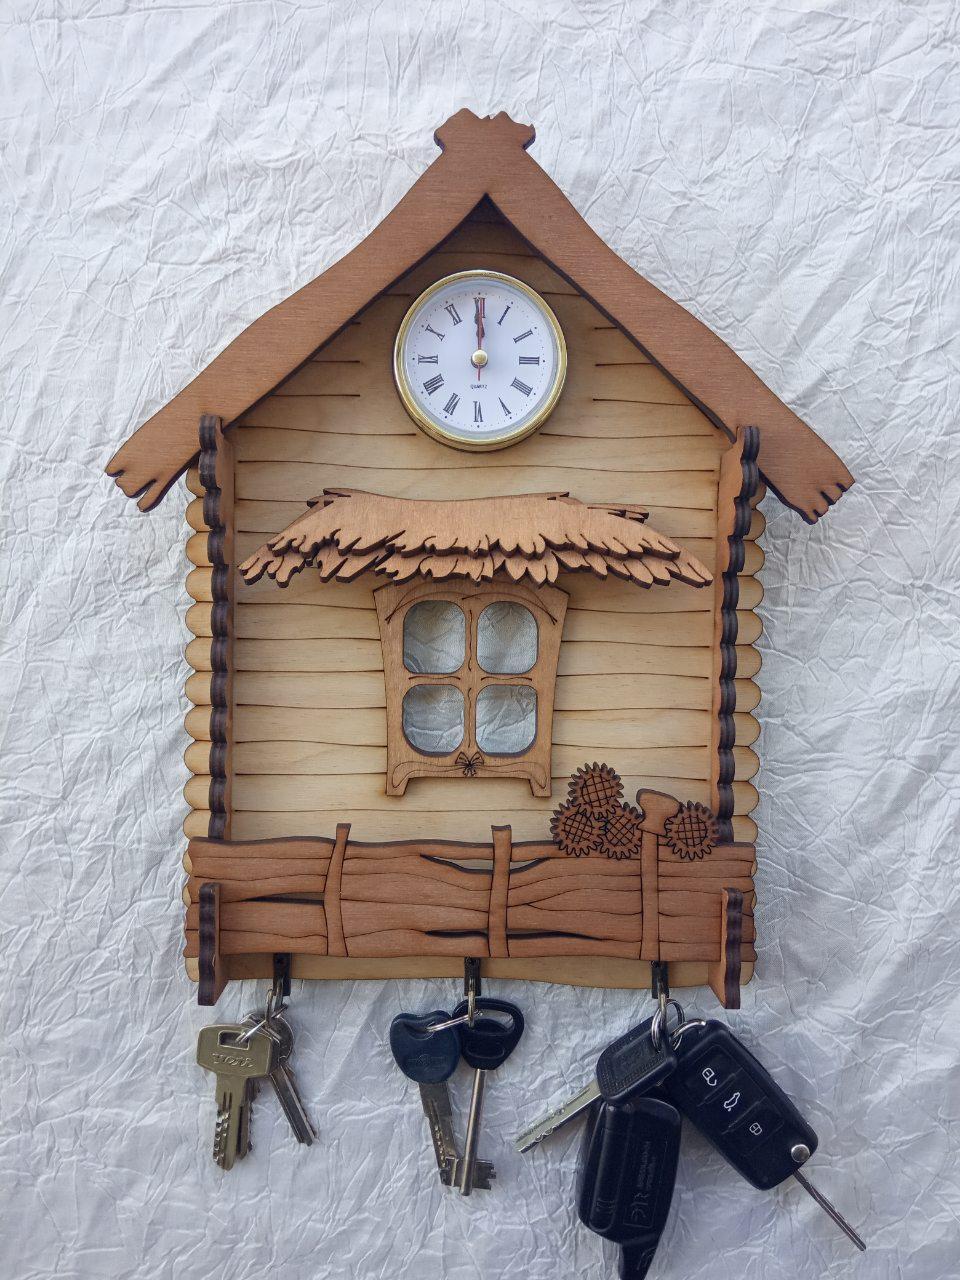 Ключниця Вешалка-домик с часами